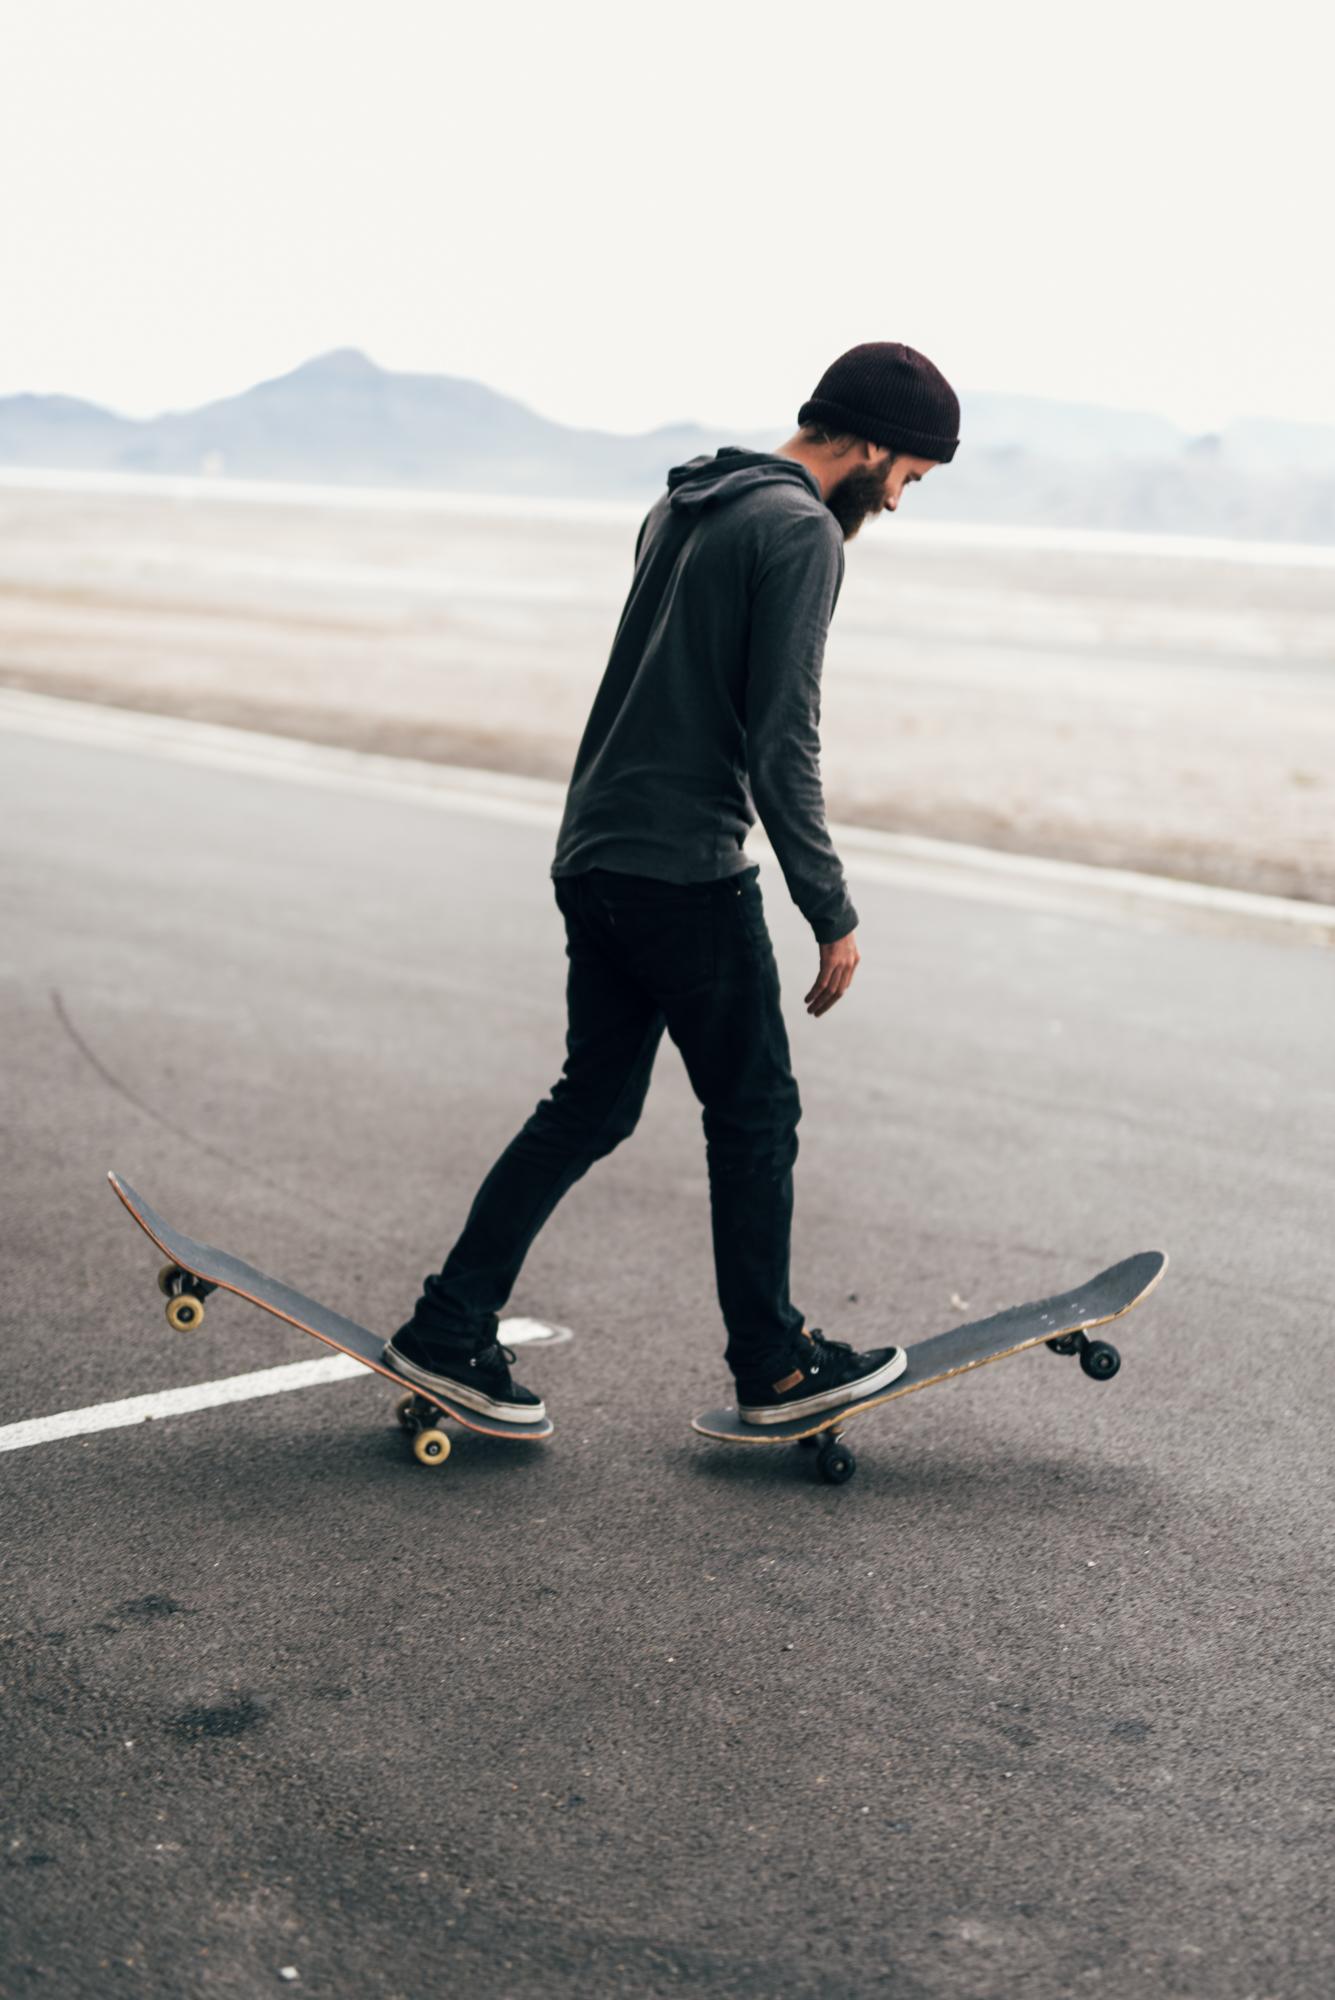 ©The Ryans Photography - Skate Break, Utah-026.jpg